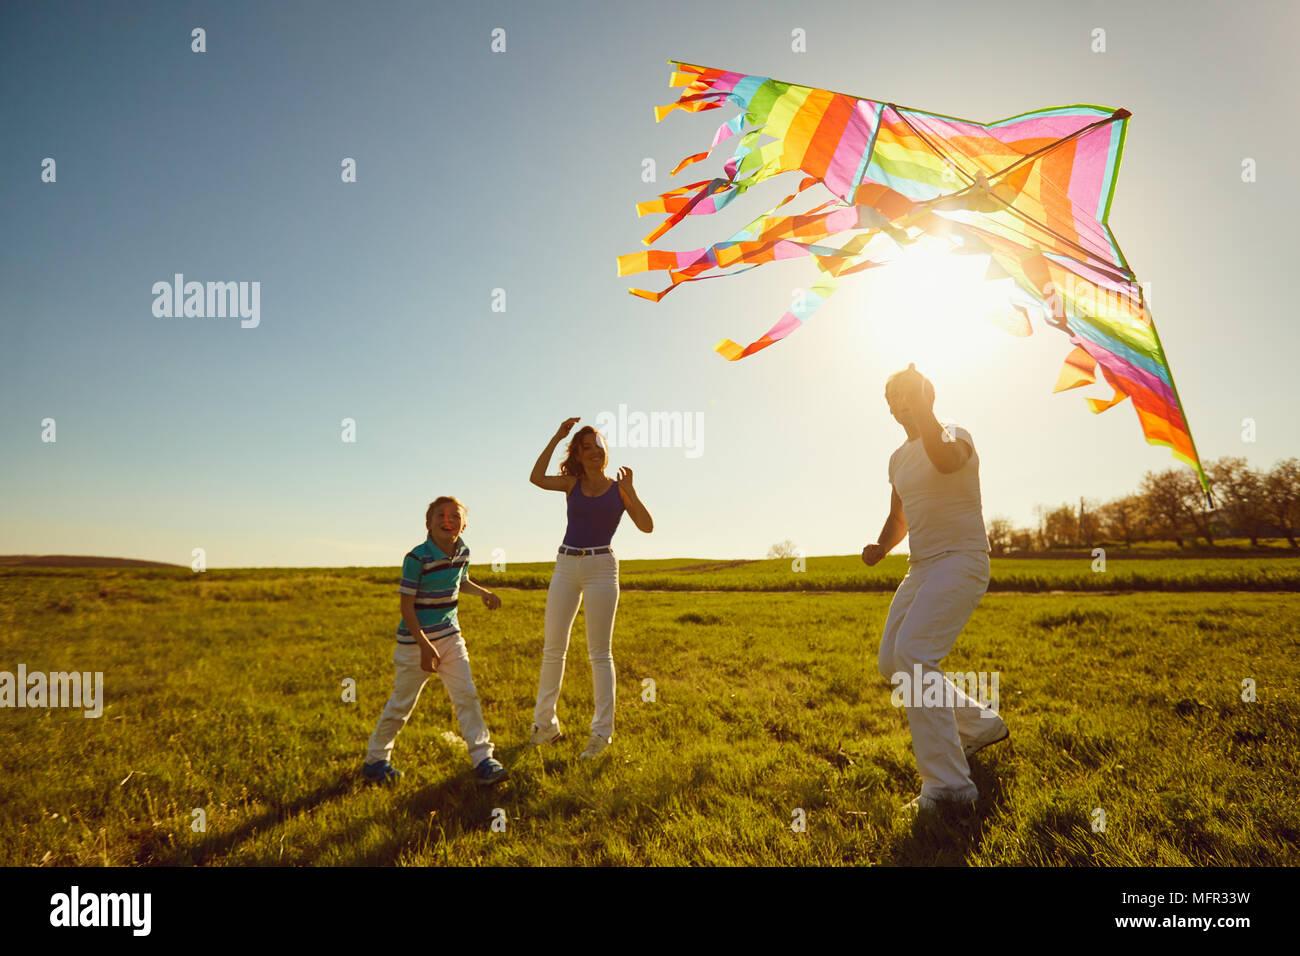 Famille heureuse de jouer avec un cerf-volant sur la nature au printemps, l'été. Photo Stock